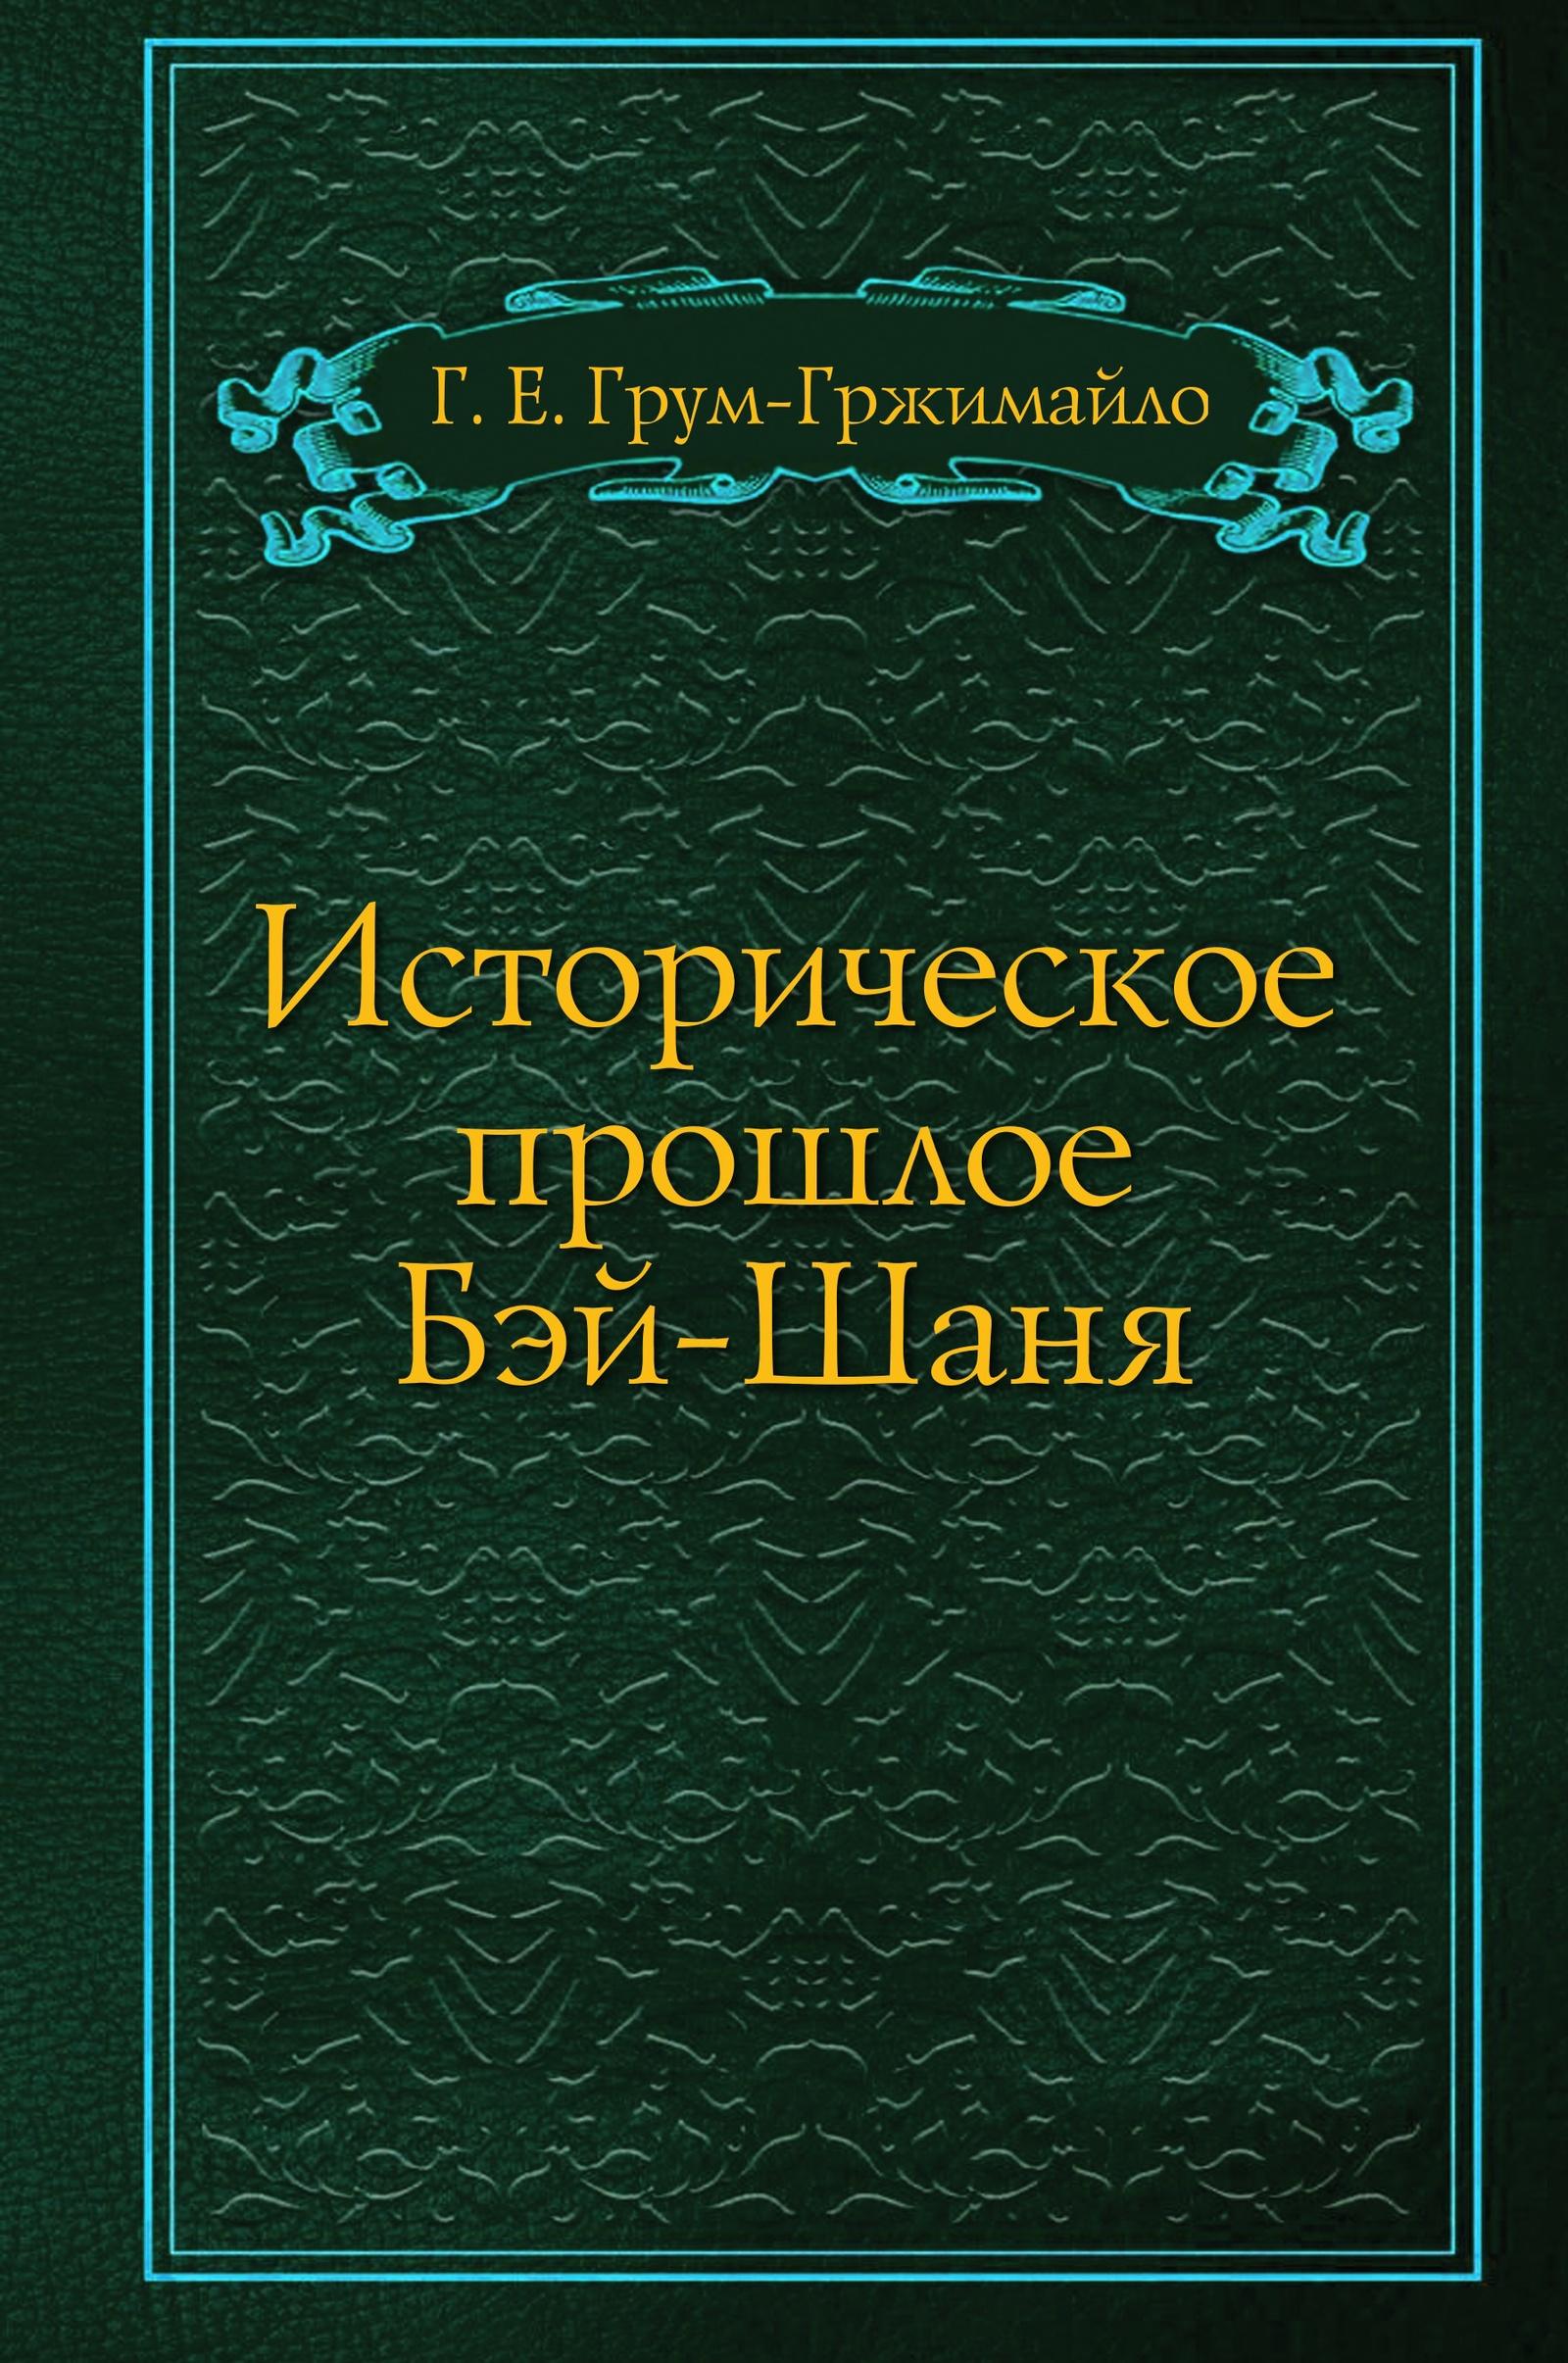 Г.Е. Грум-Гржимайло Историческое прошлое Бэй-Шаня г е грум гржимайло западная монголия и урянхайский край